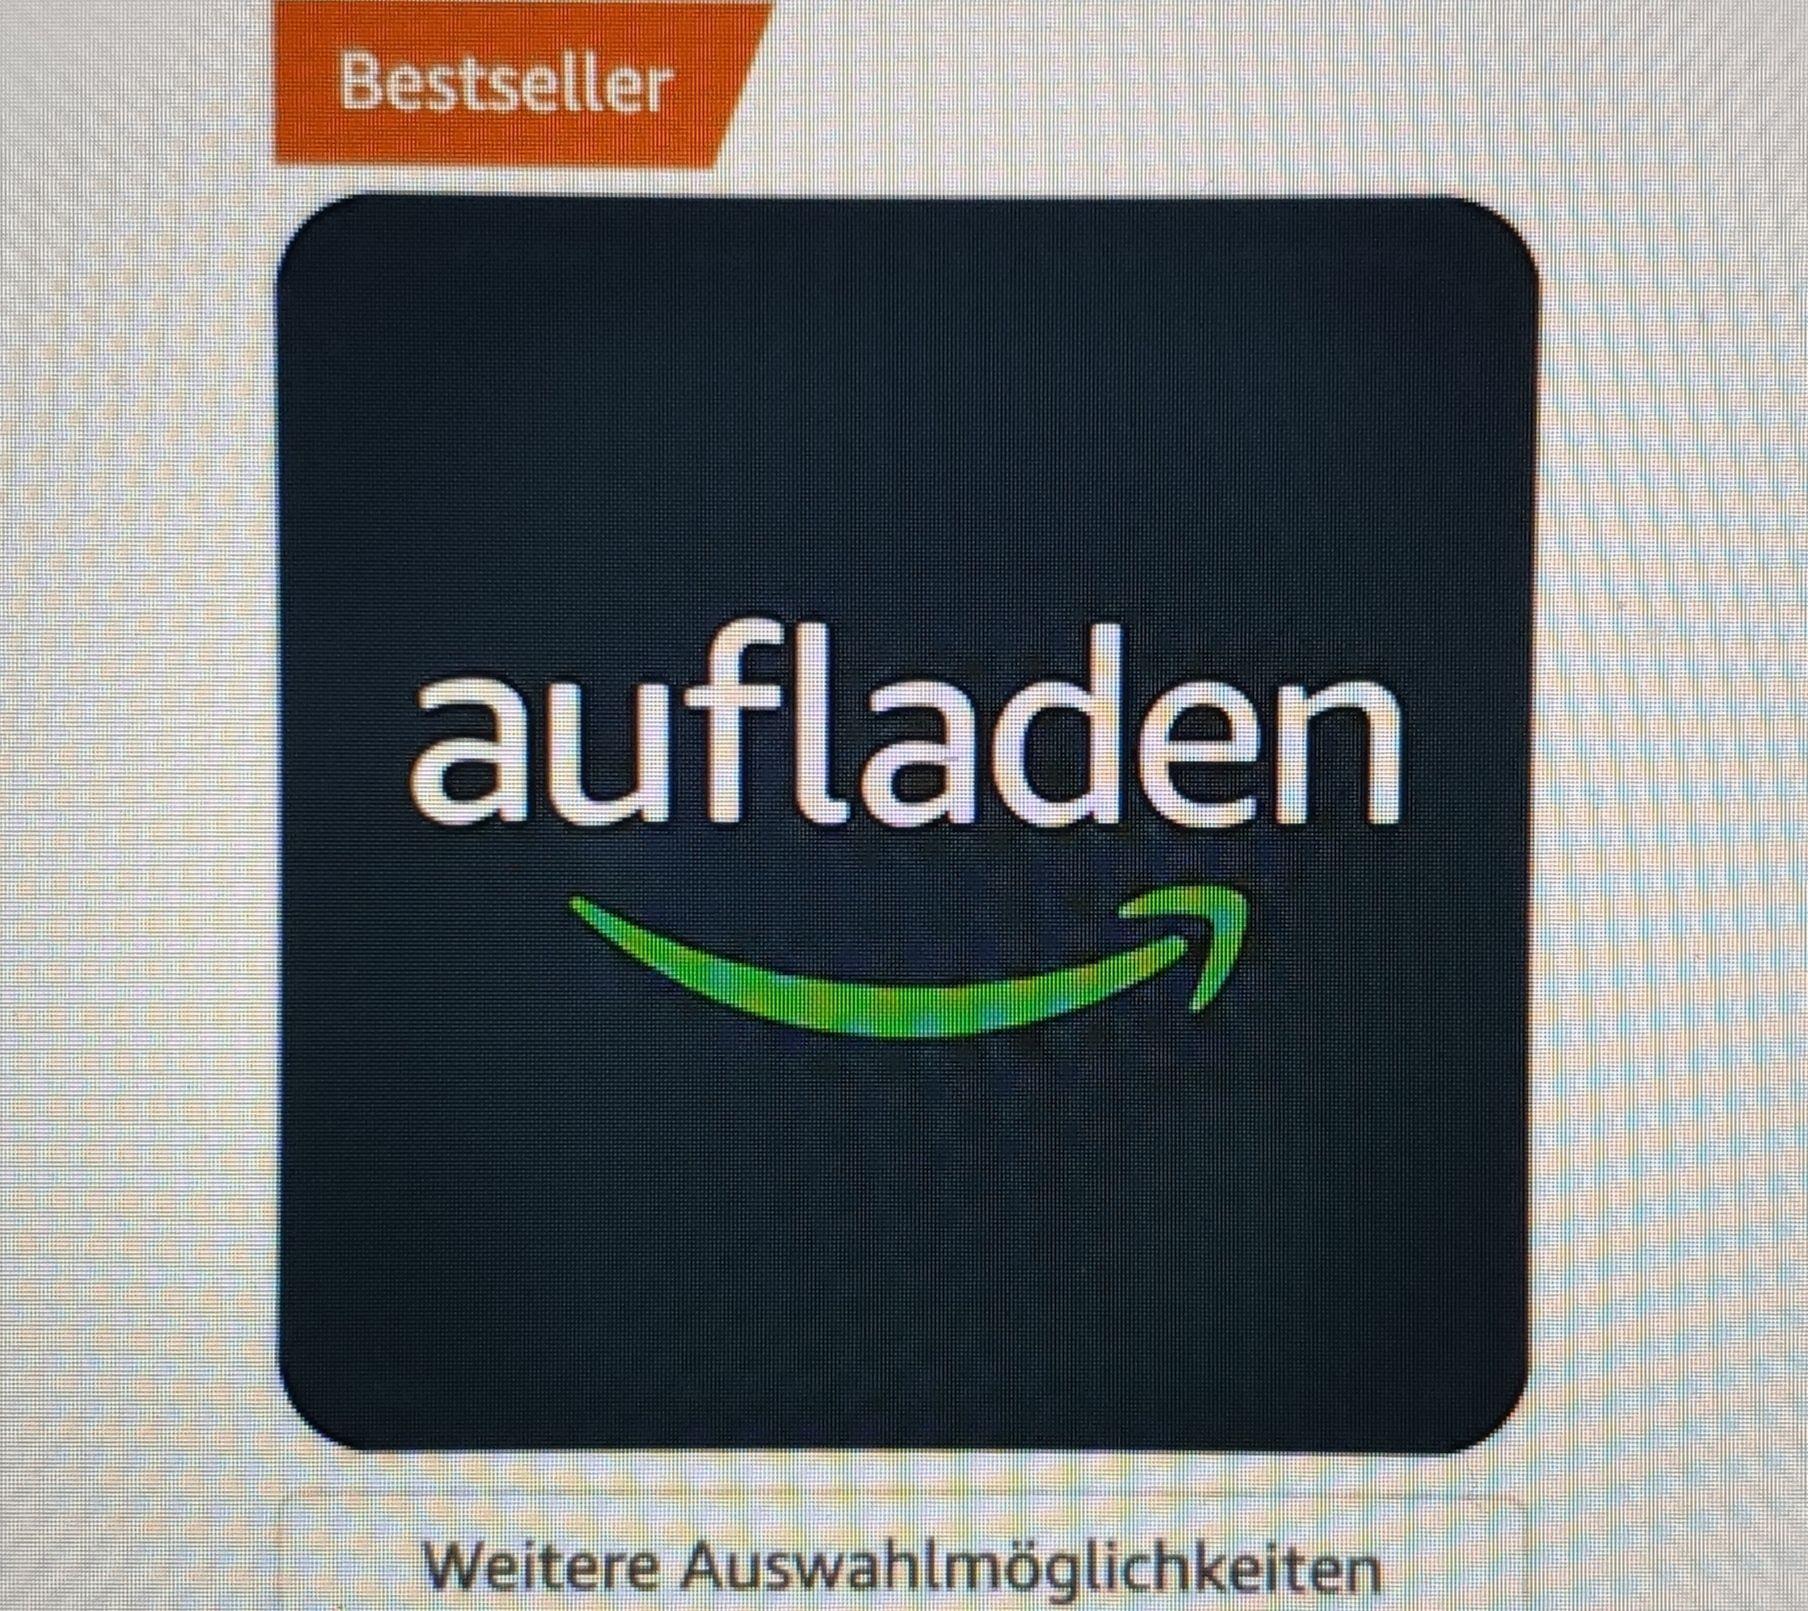 Amazon-Konto mit 80€ aufladen und 8€ geschenkt bekommen